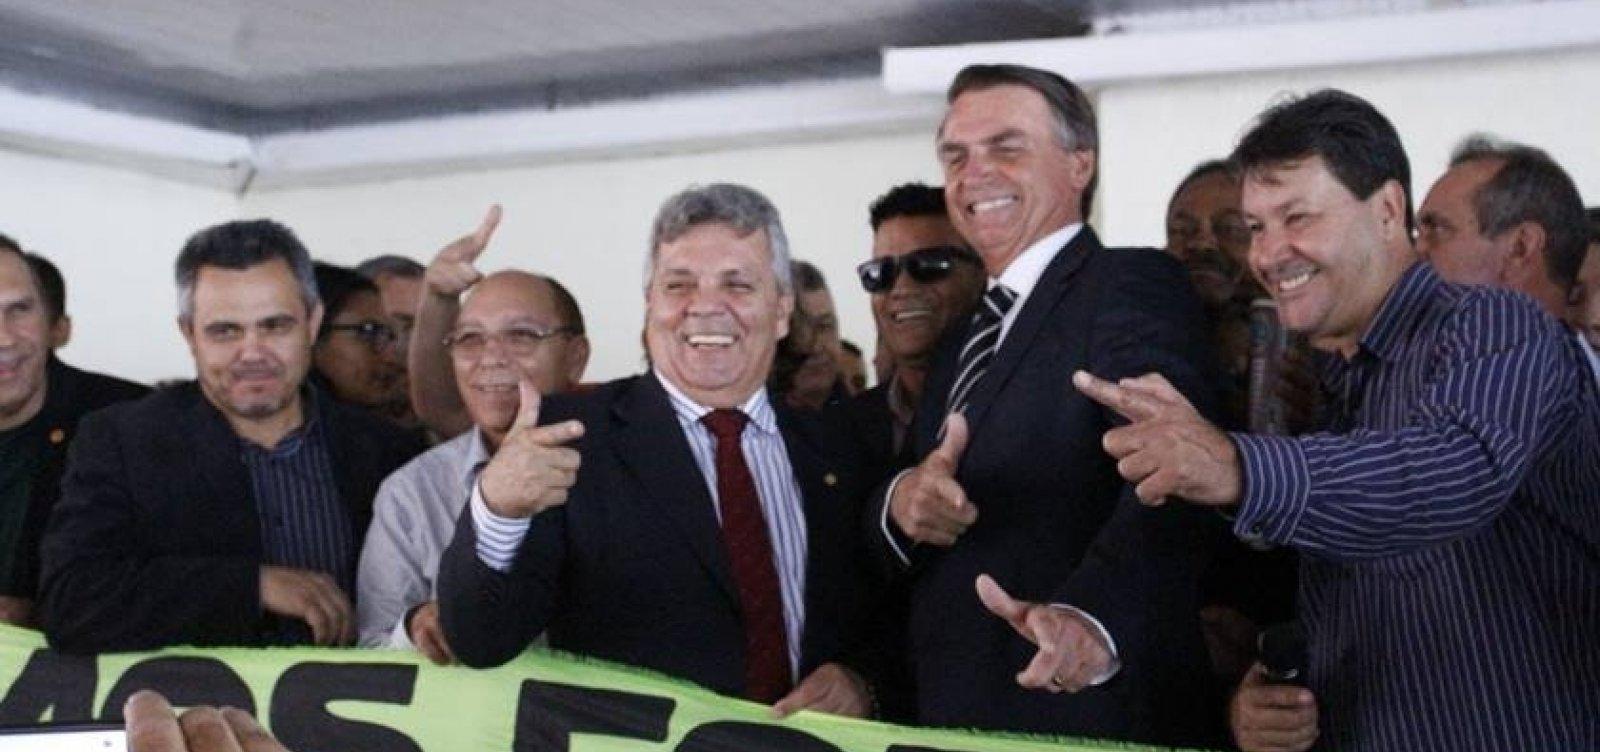 [Condenado por cobrança de propina é cotado a cargo no governo Bolsonaro]